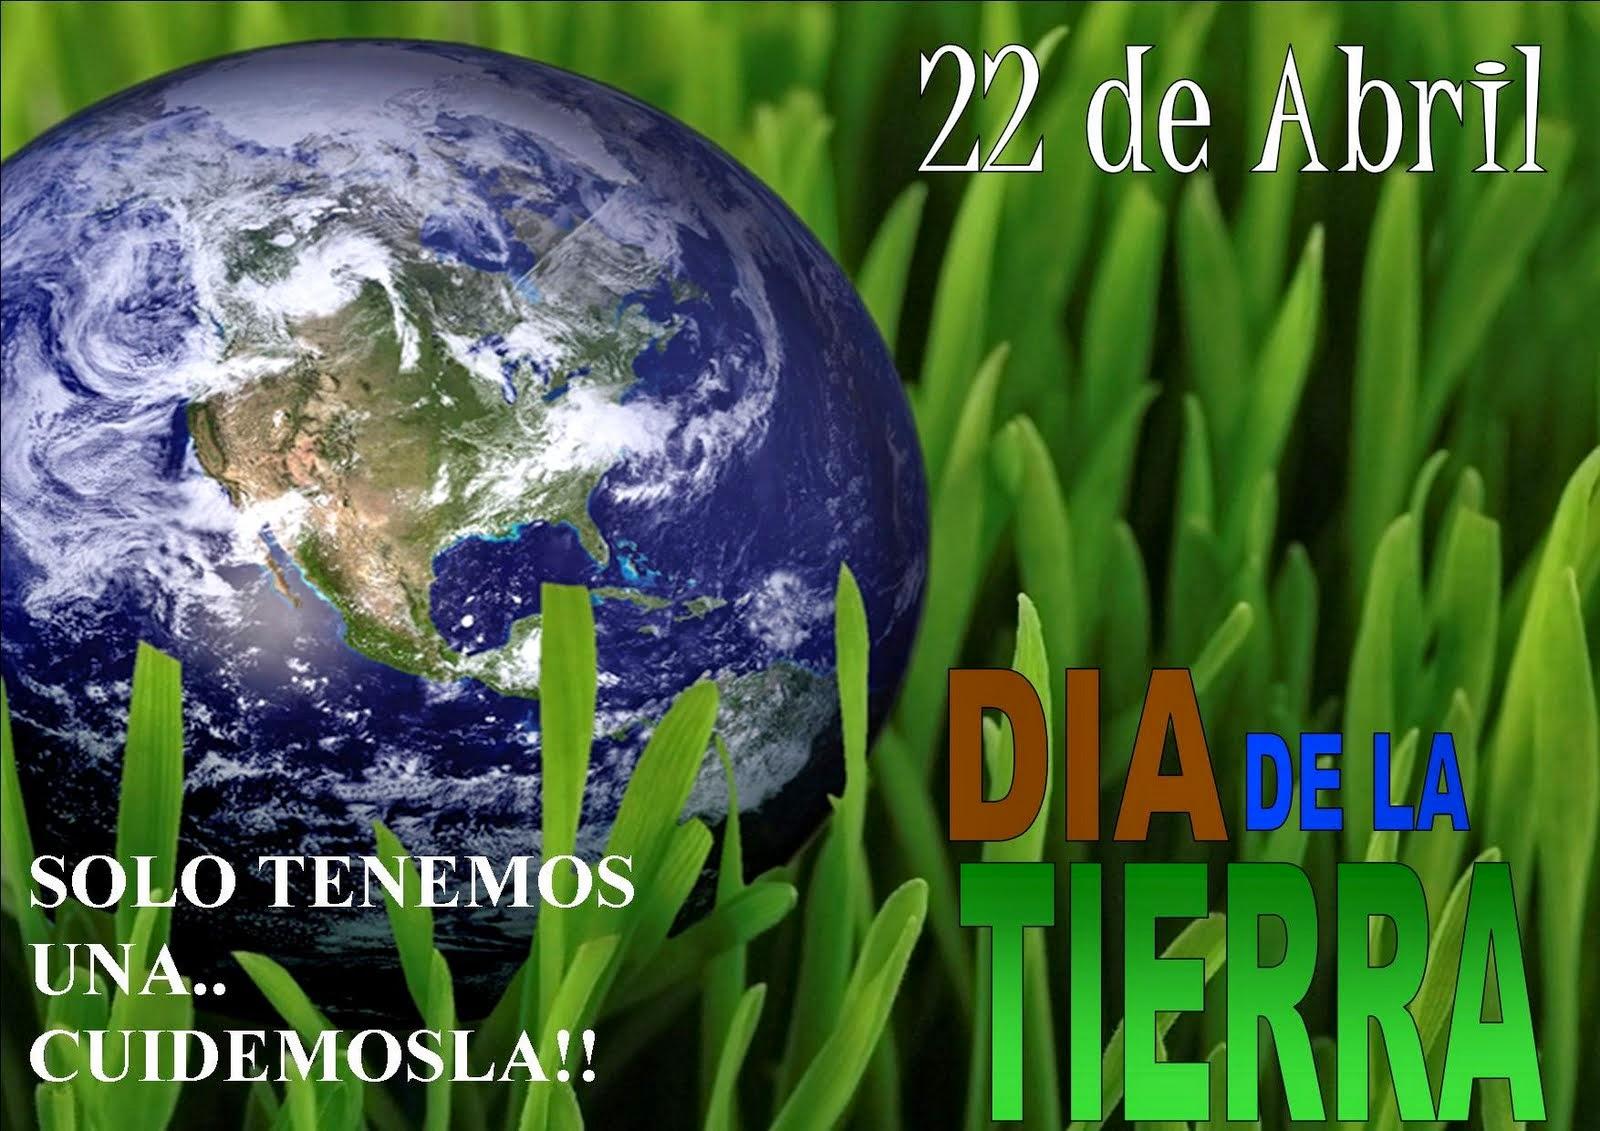 22 de abril dia mundial de la tierra: